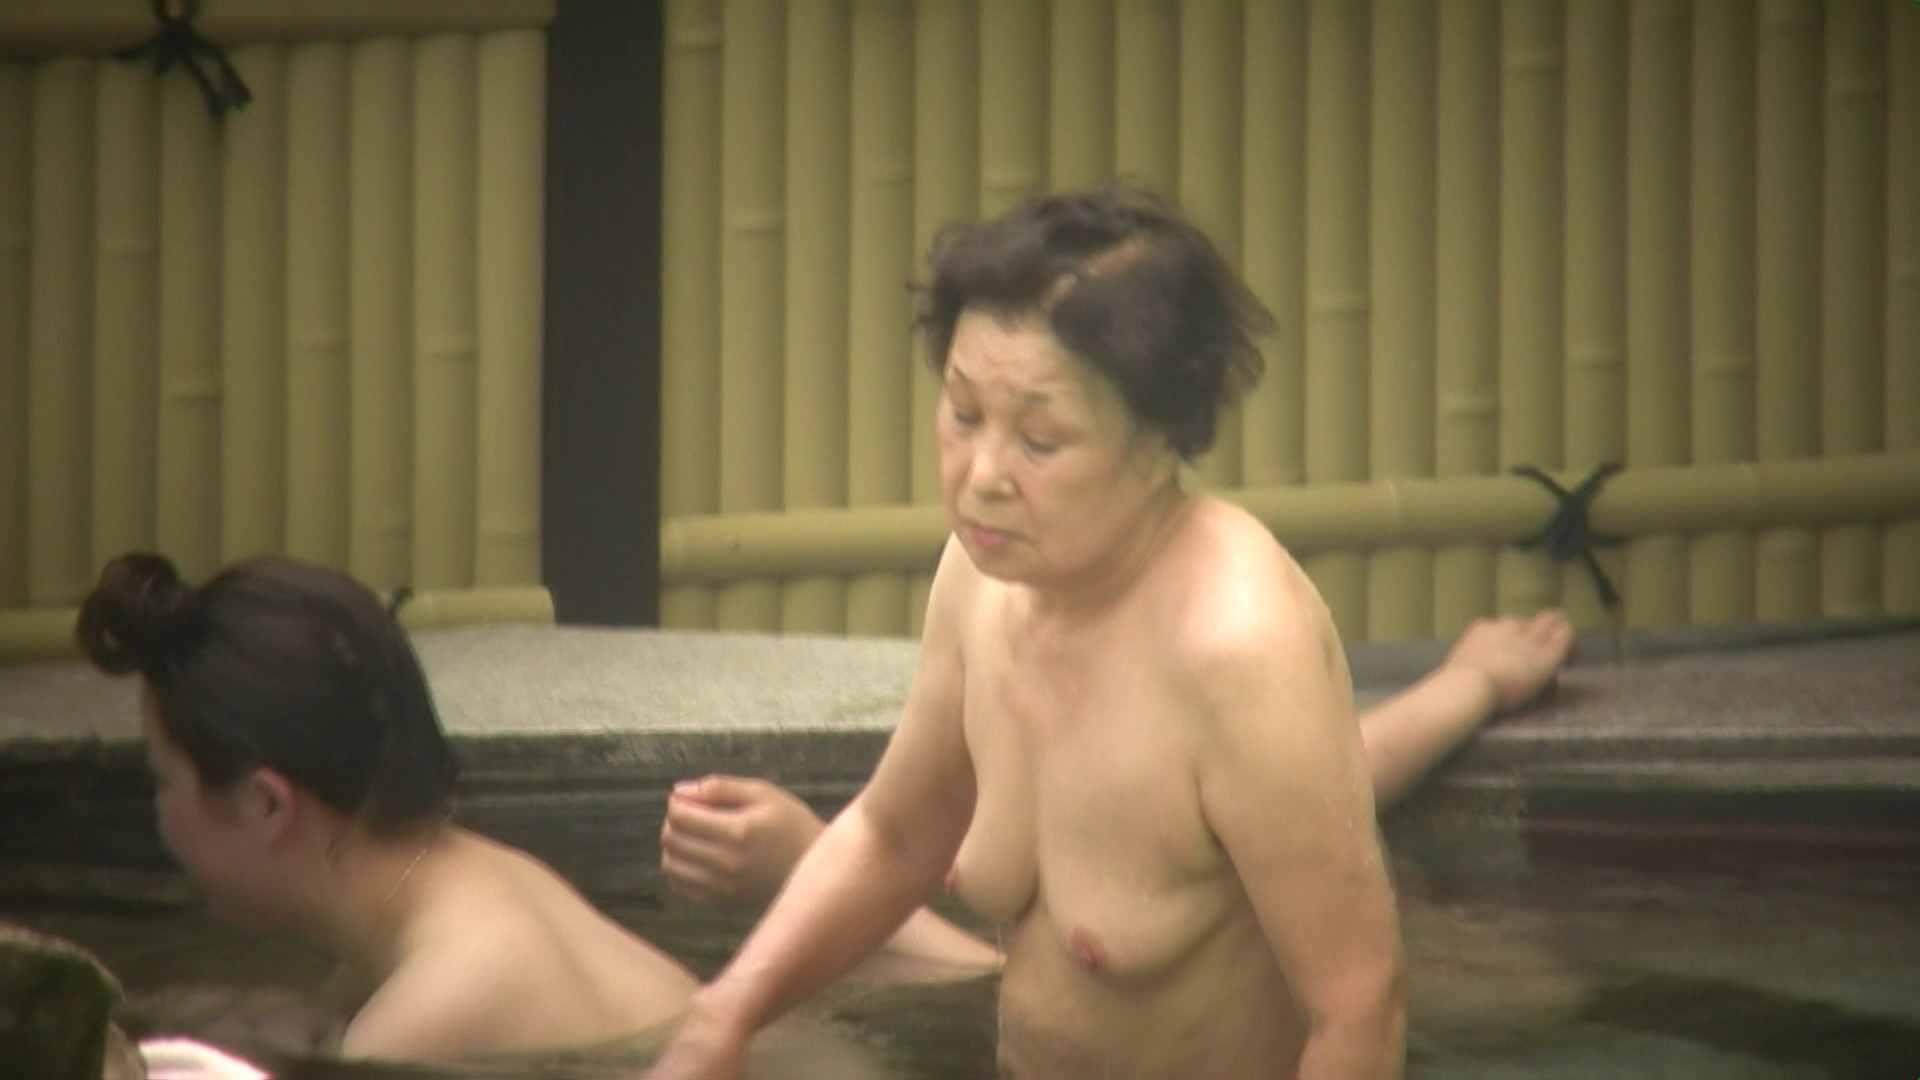 高画質露天女風呂観察 vol.022 入浴隠し撮り  95pic 14